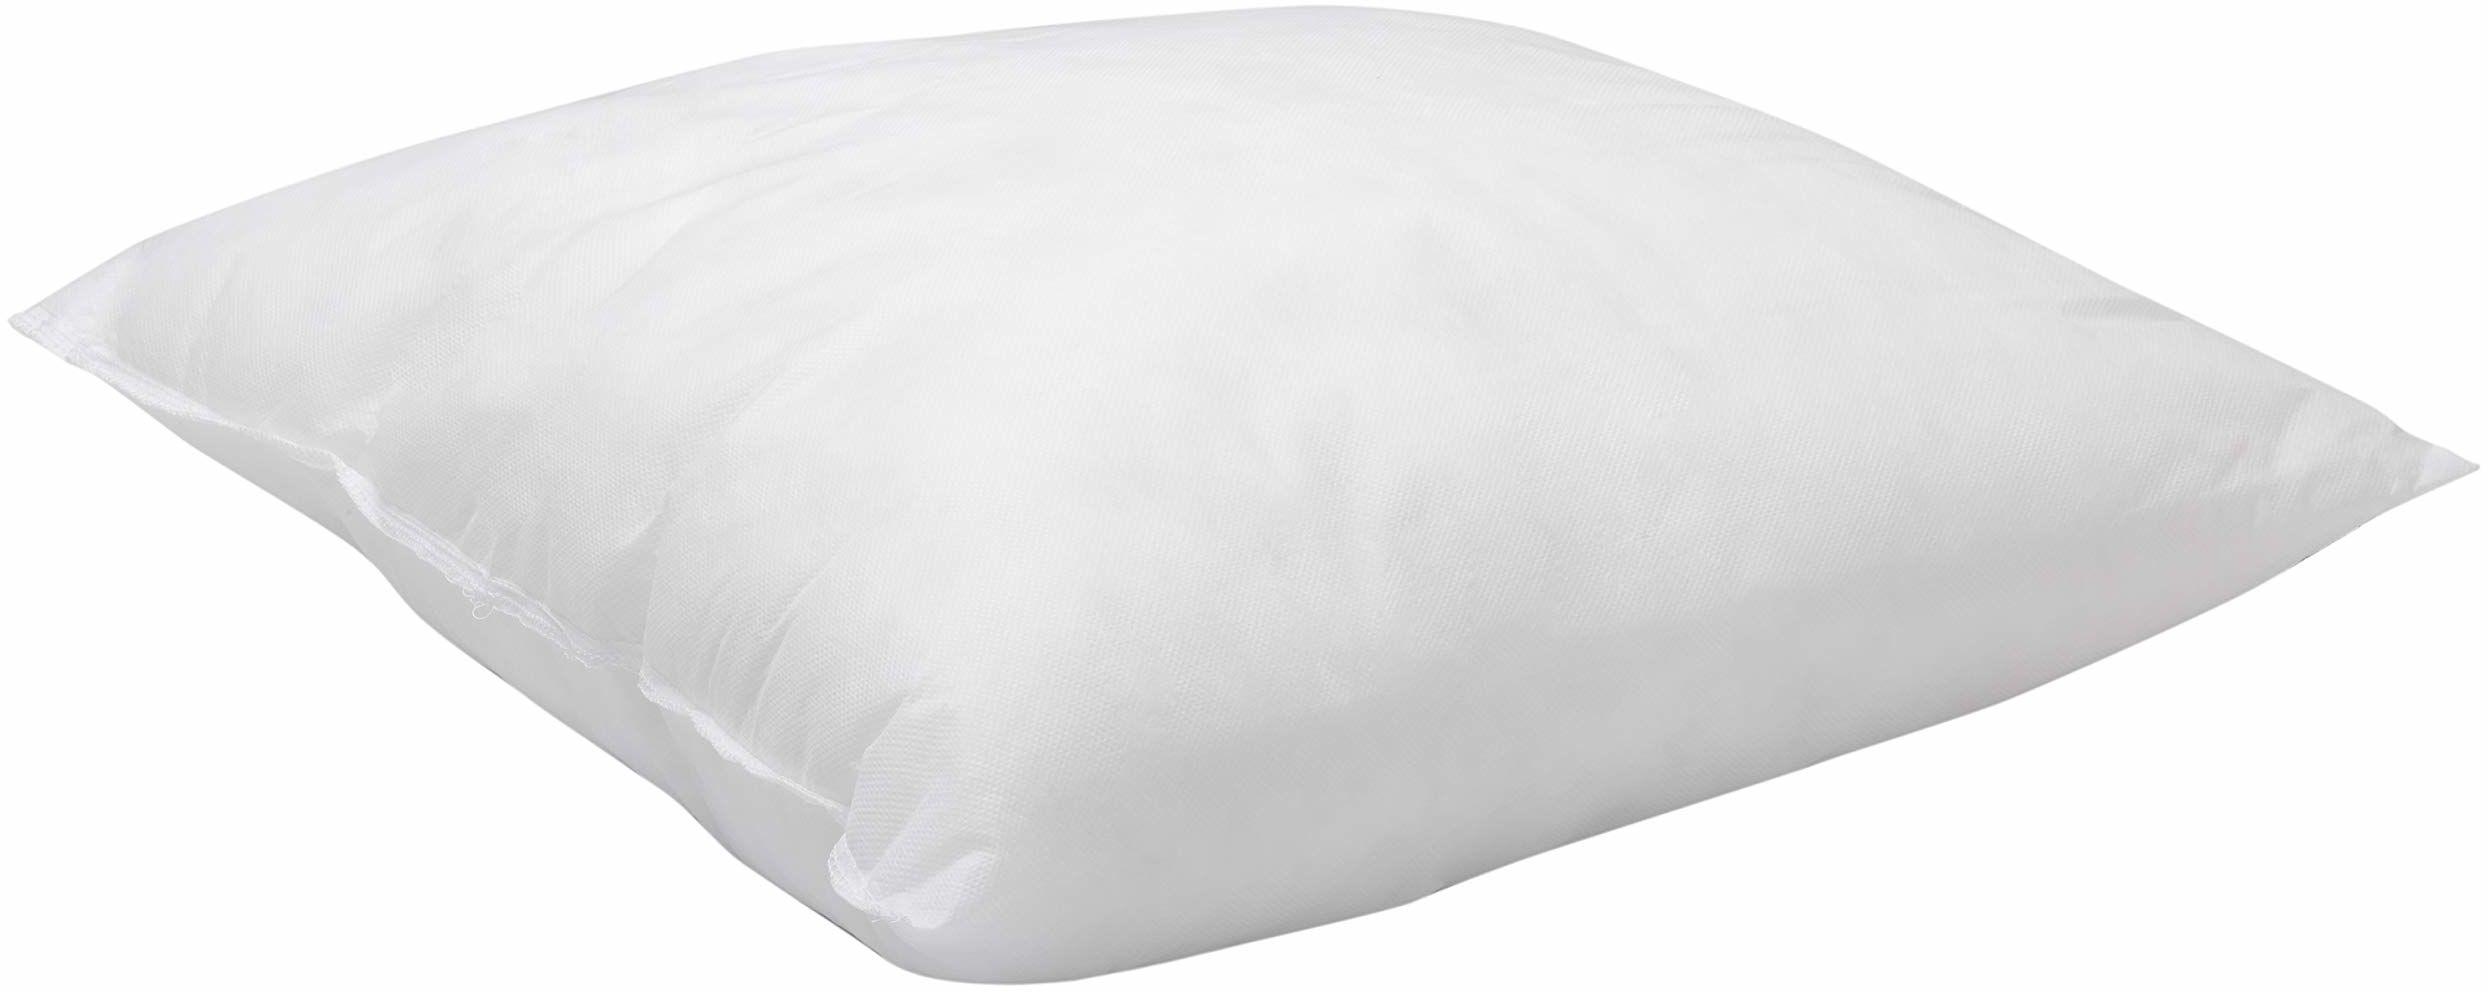 Pikolin Home - hypoalergiczna kwadratowa poduszka z włókna szklanego, średnia wytrzymałość, 60 x 60 cm, wysokość 16 cm